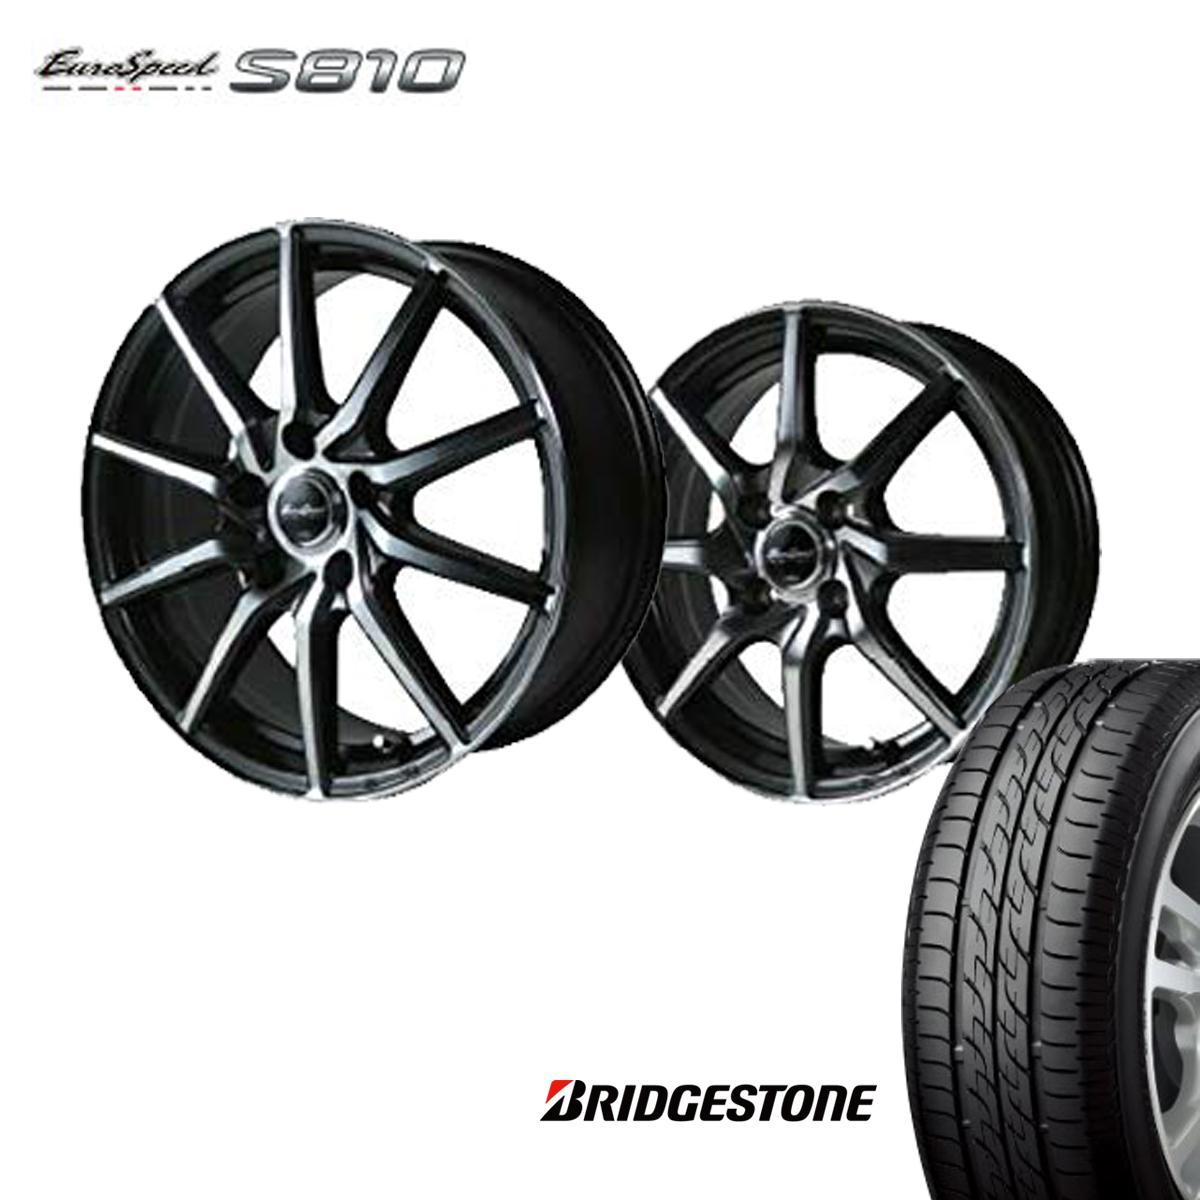 Euro Speed S810 タイヤ ホイール セット 4本 17インチ 5H100 7.0J+50 ユーロスピード S810 マナレイ スポーツ ブリヂストン 205/50R17 205 50 17